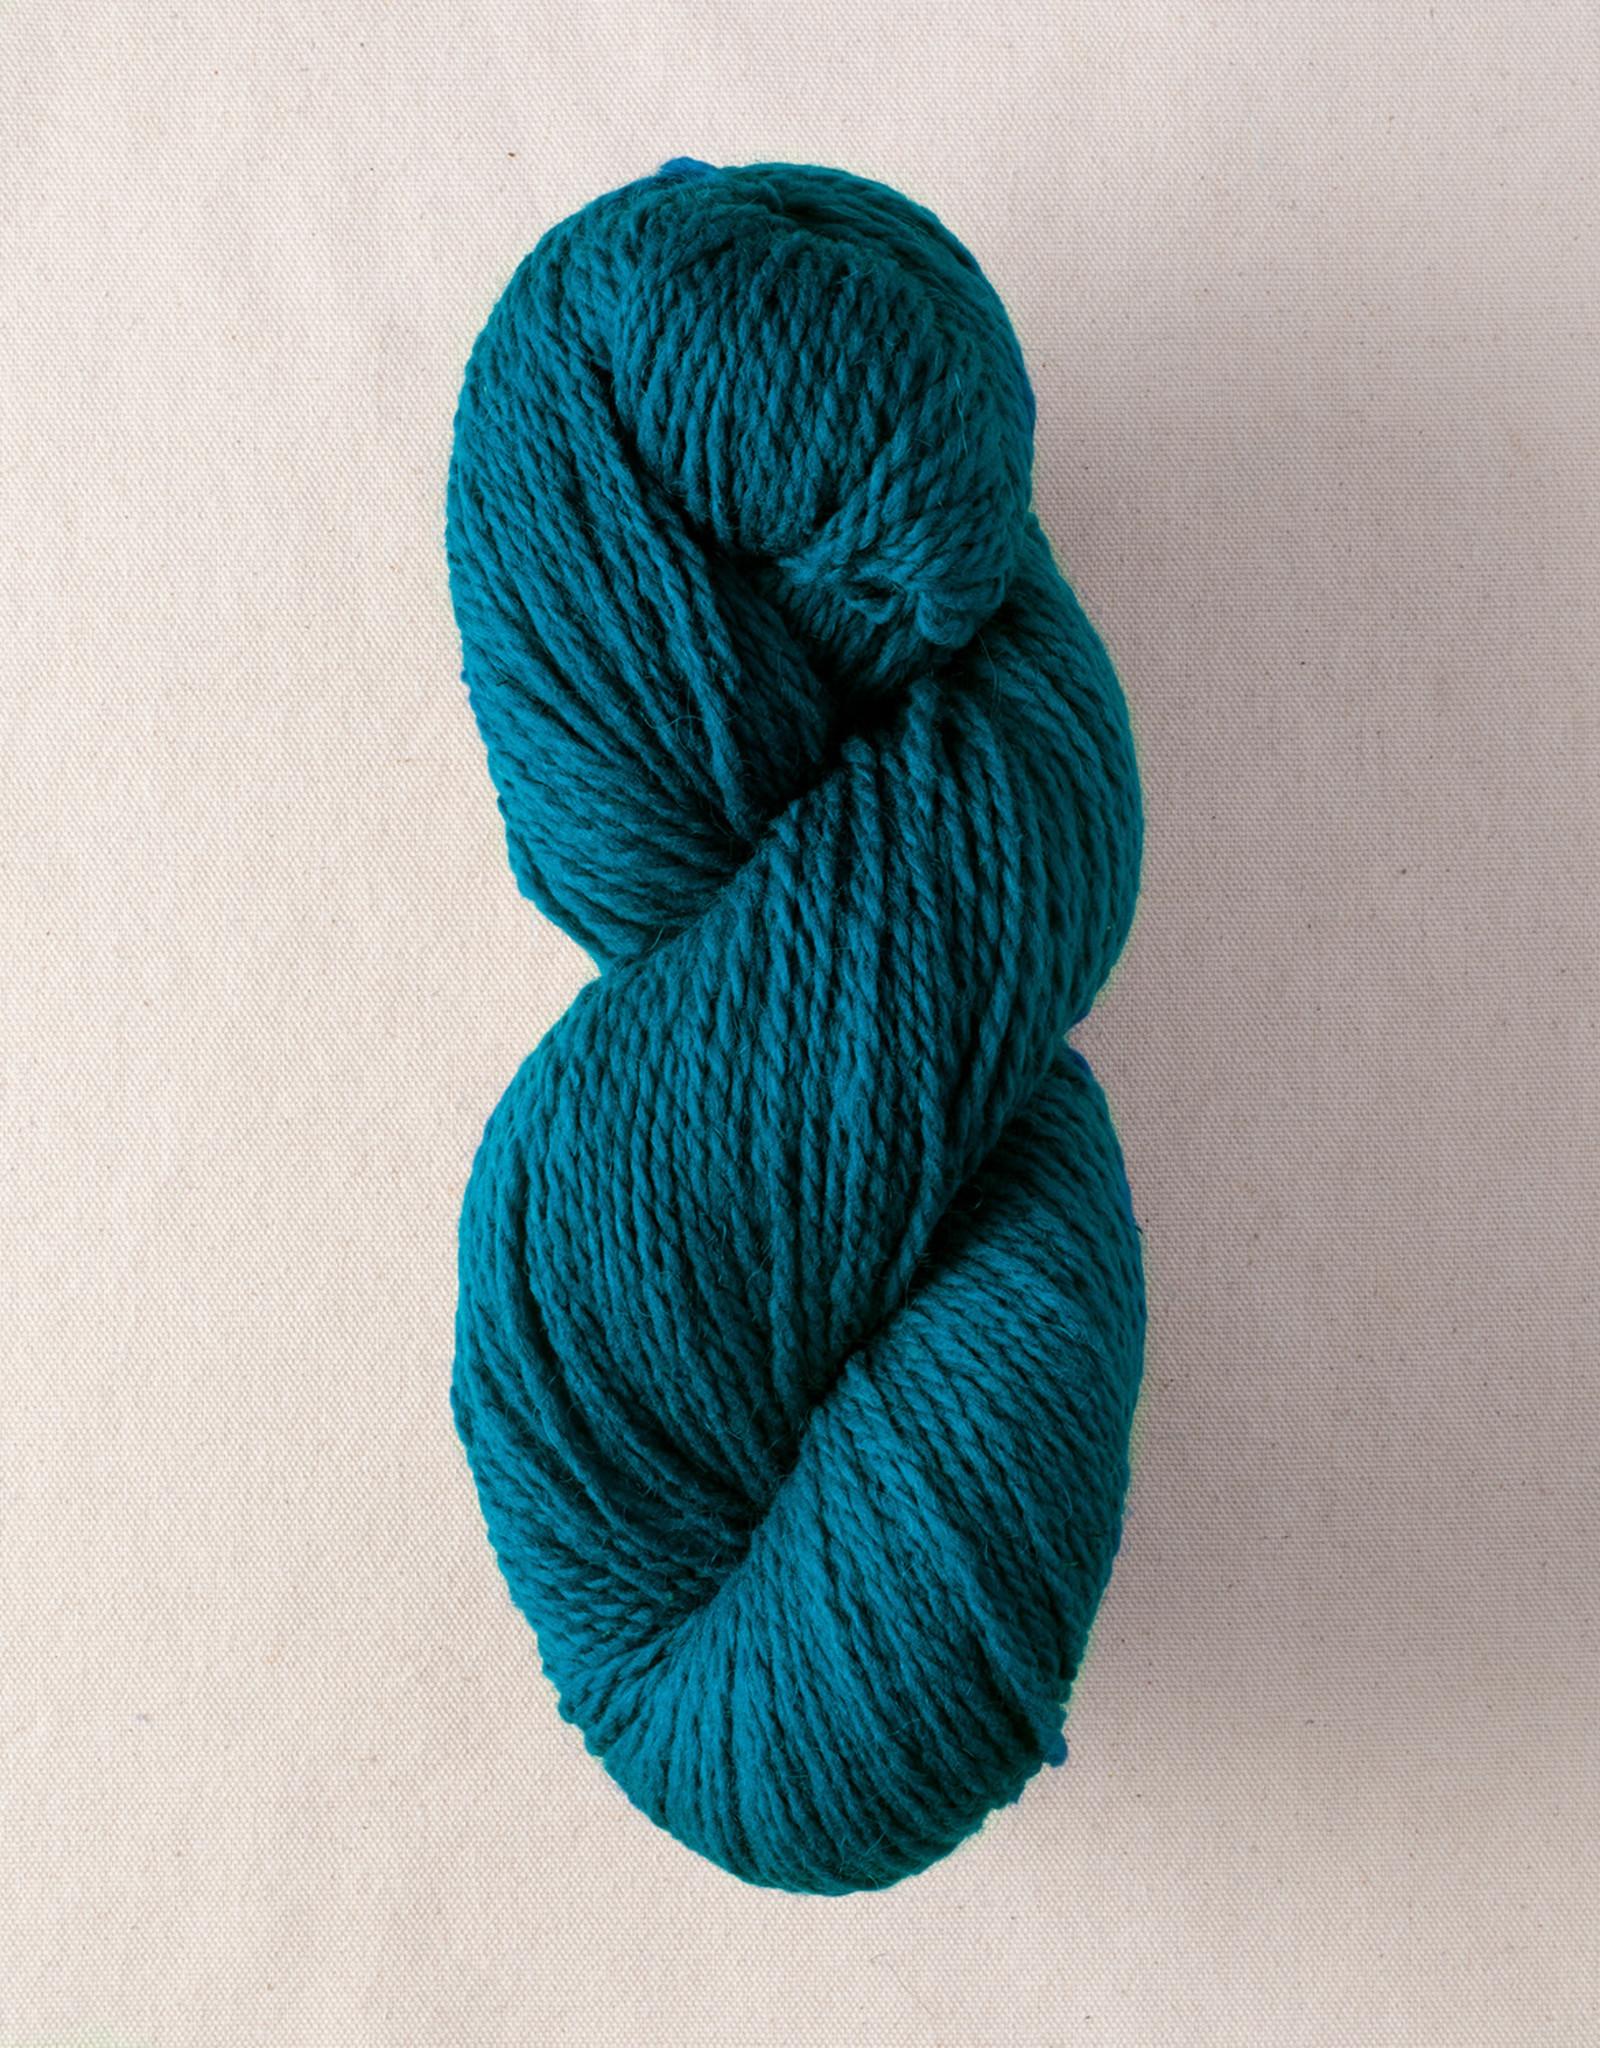 Peace Fleece Wstd 4oz 712 Baltic Blue